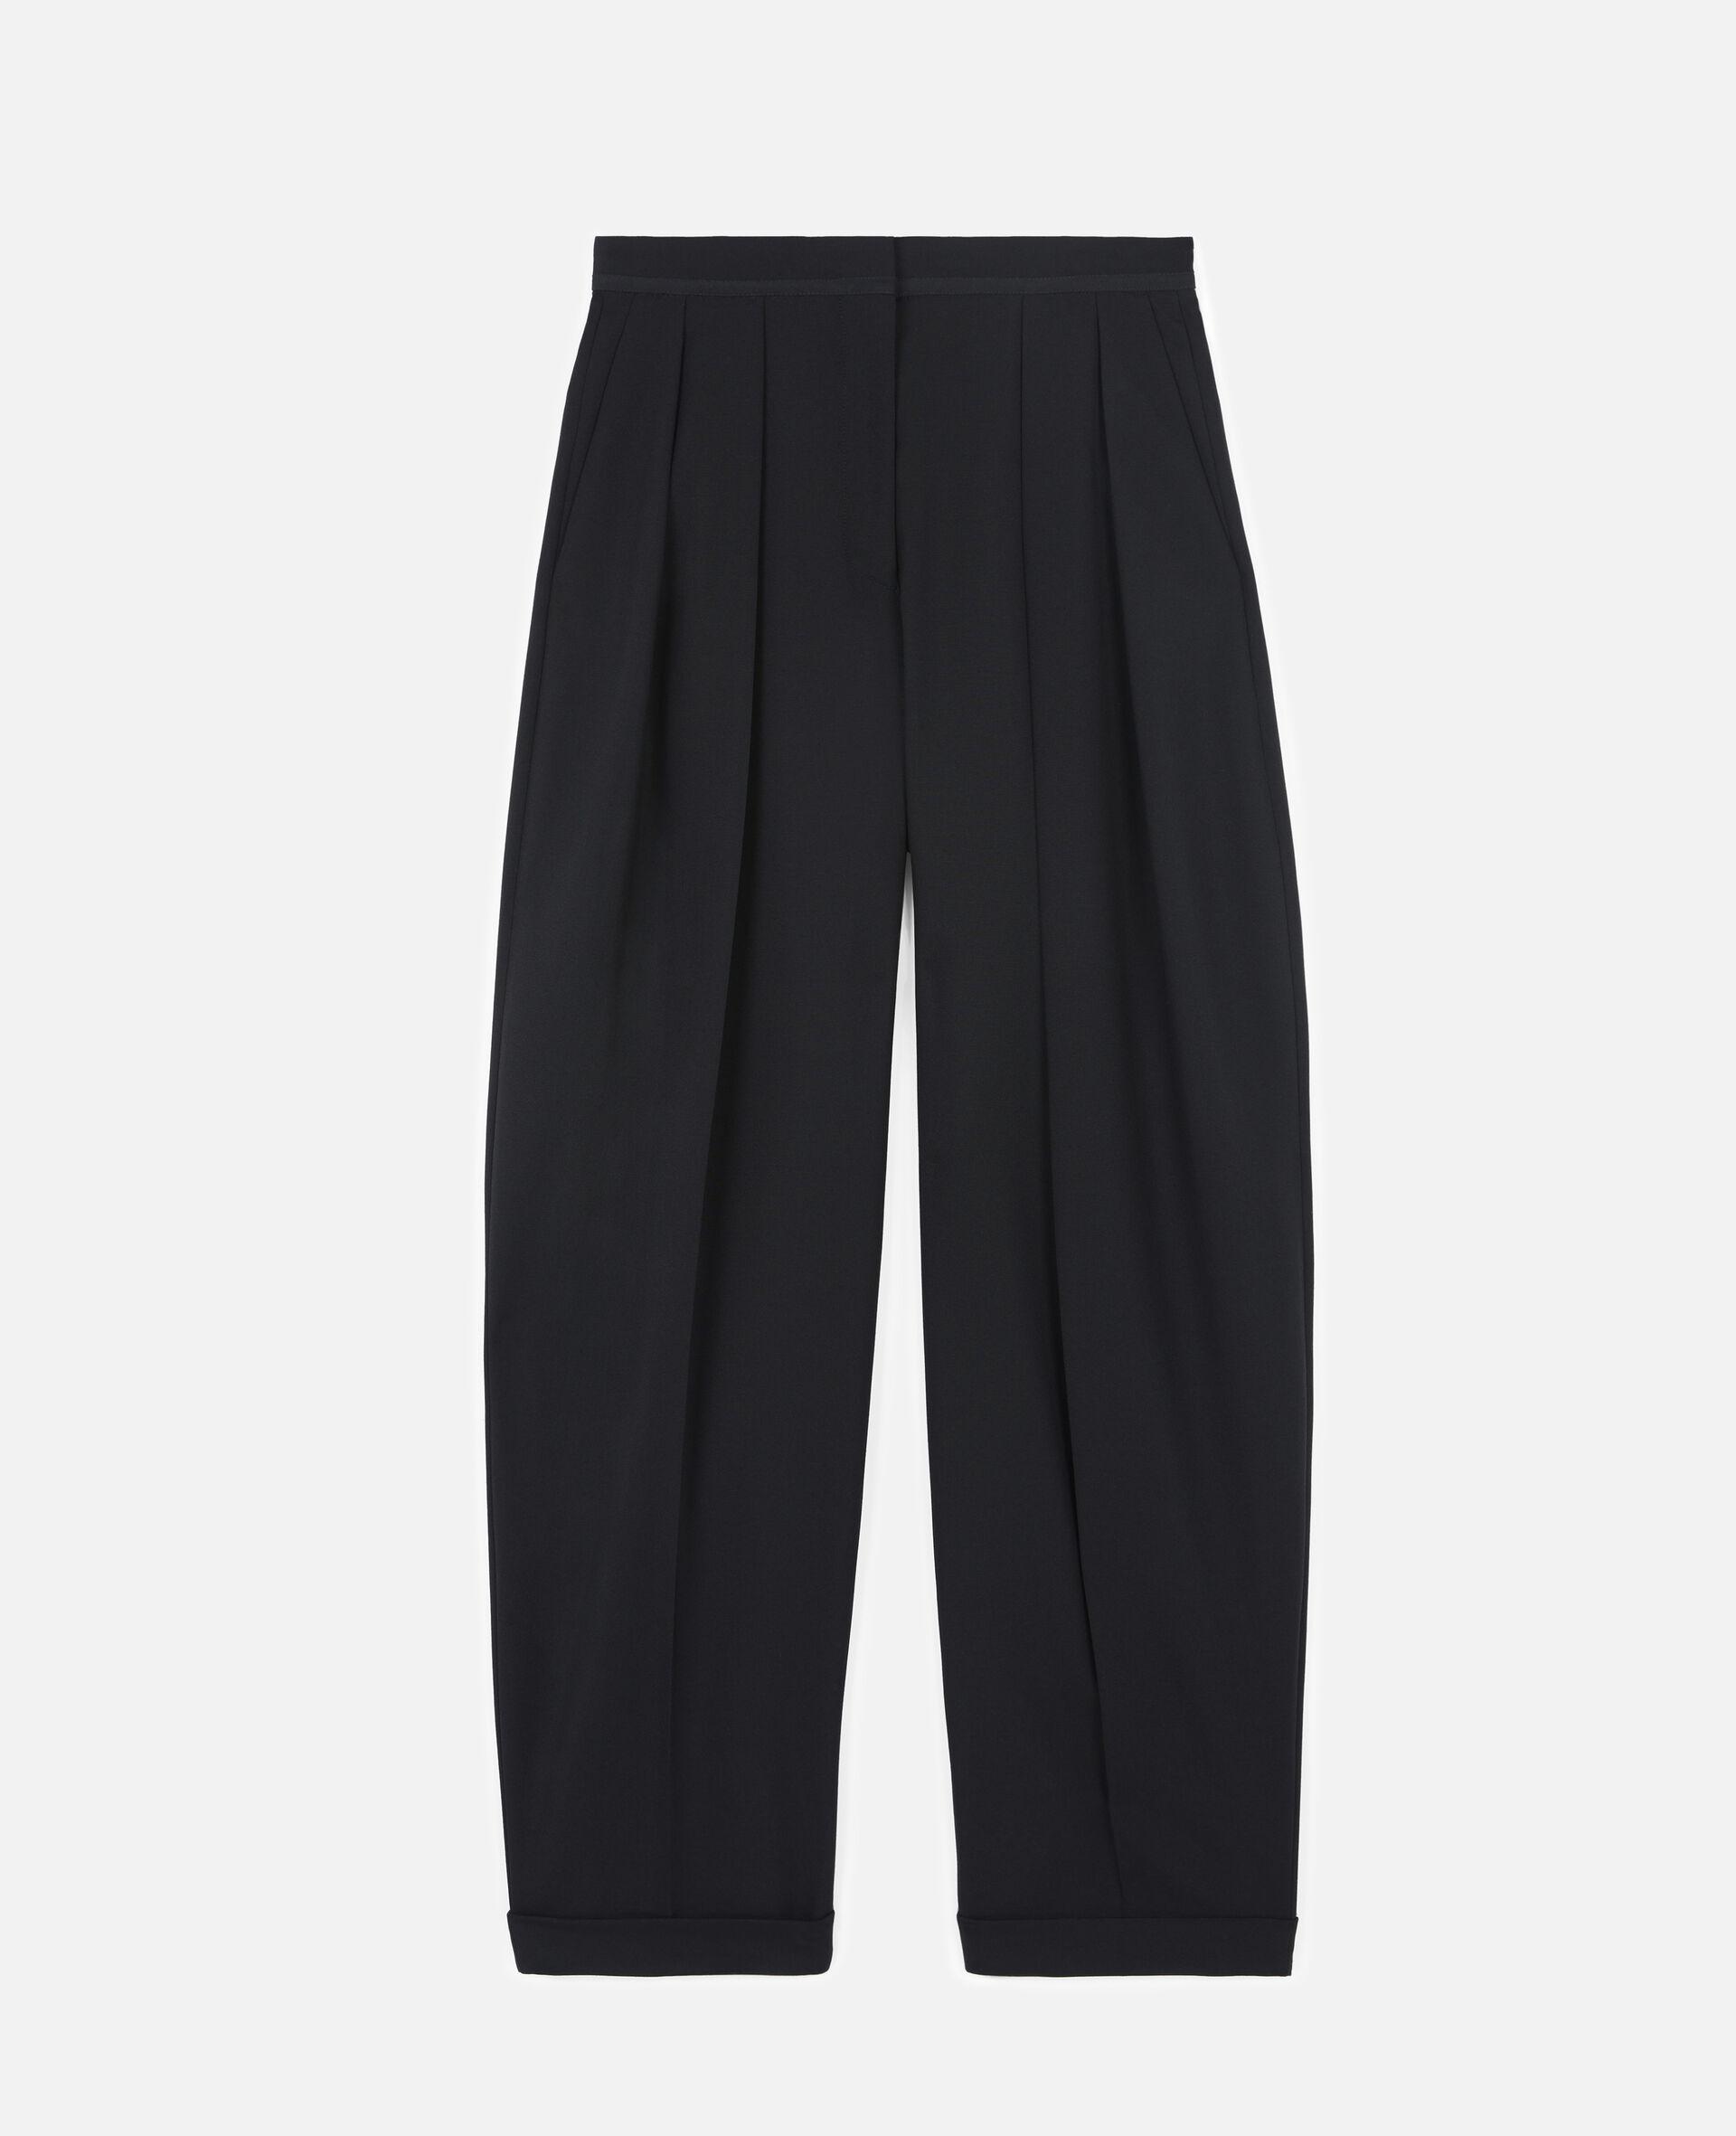 Deborah 羊毛裤装-黑色-large image number 0